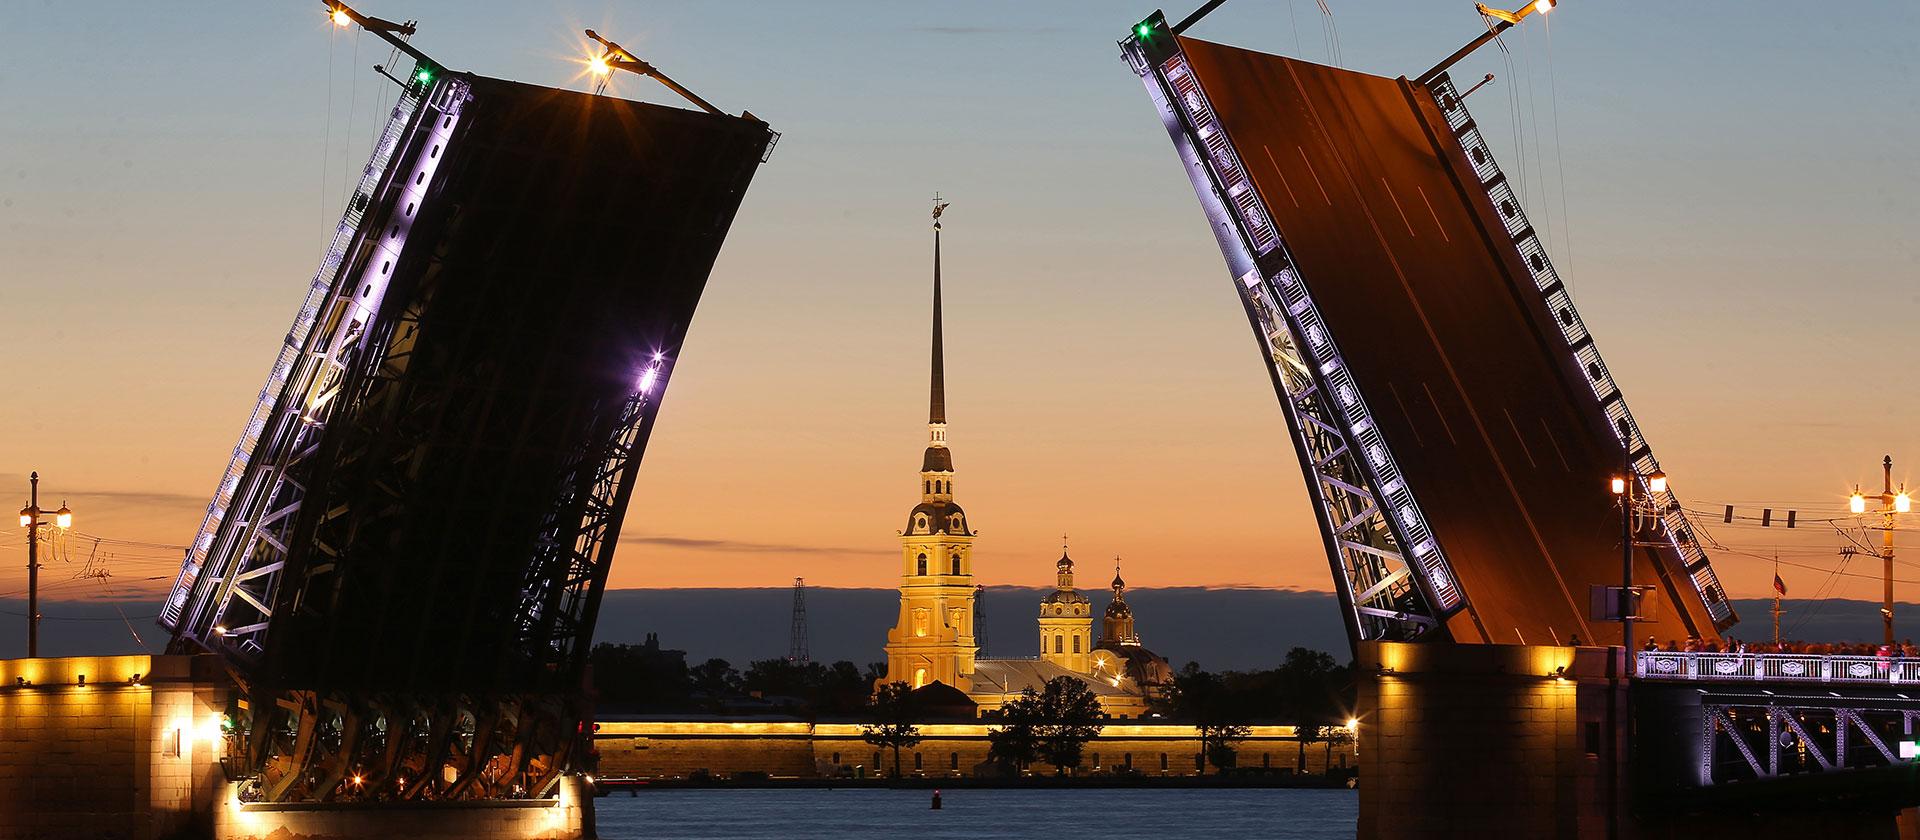 Мероприятия в Санкт-Петербурге во время Чемпионата Мира по футболу 2018 в России